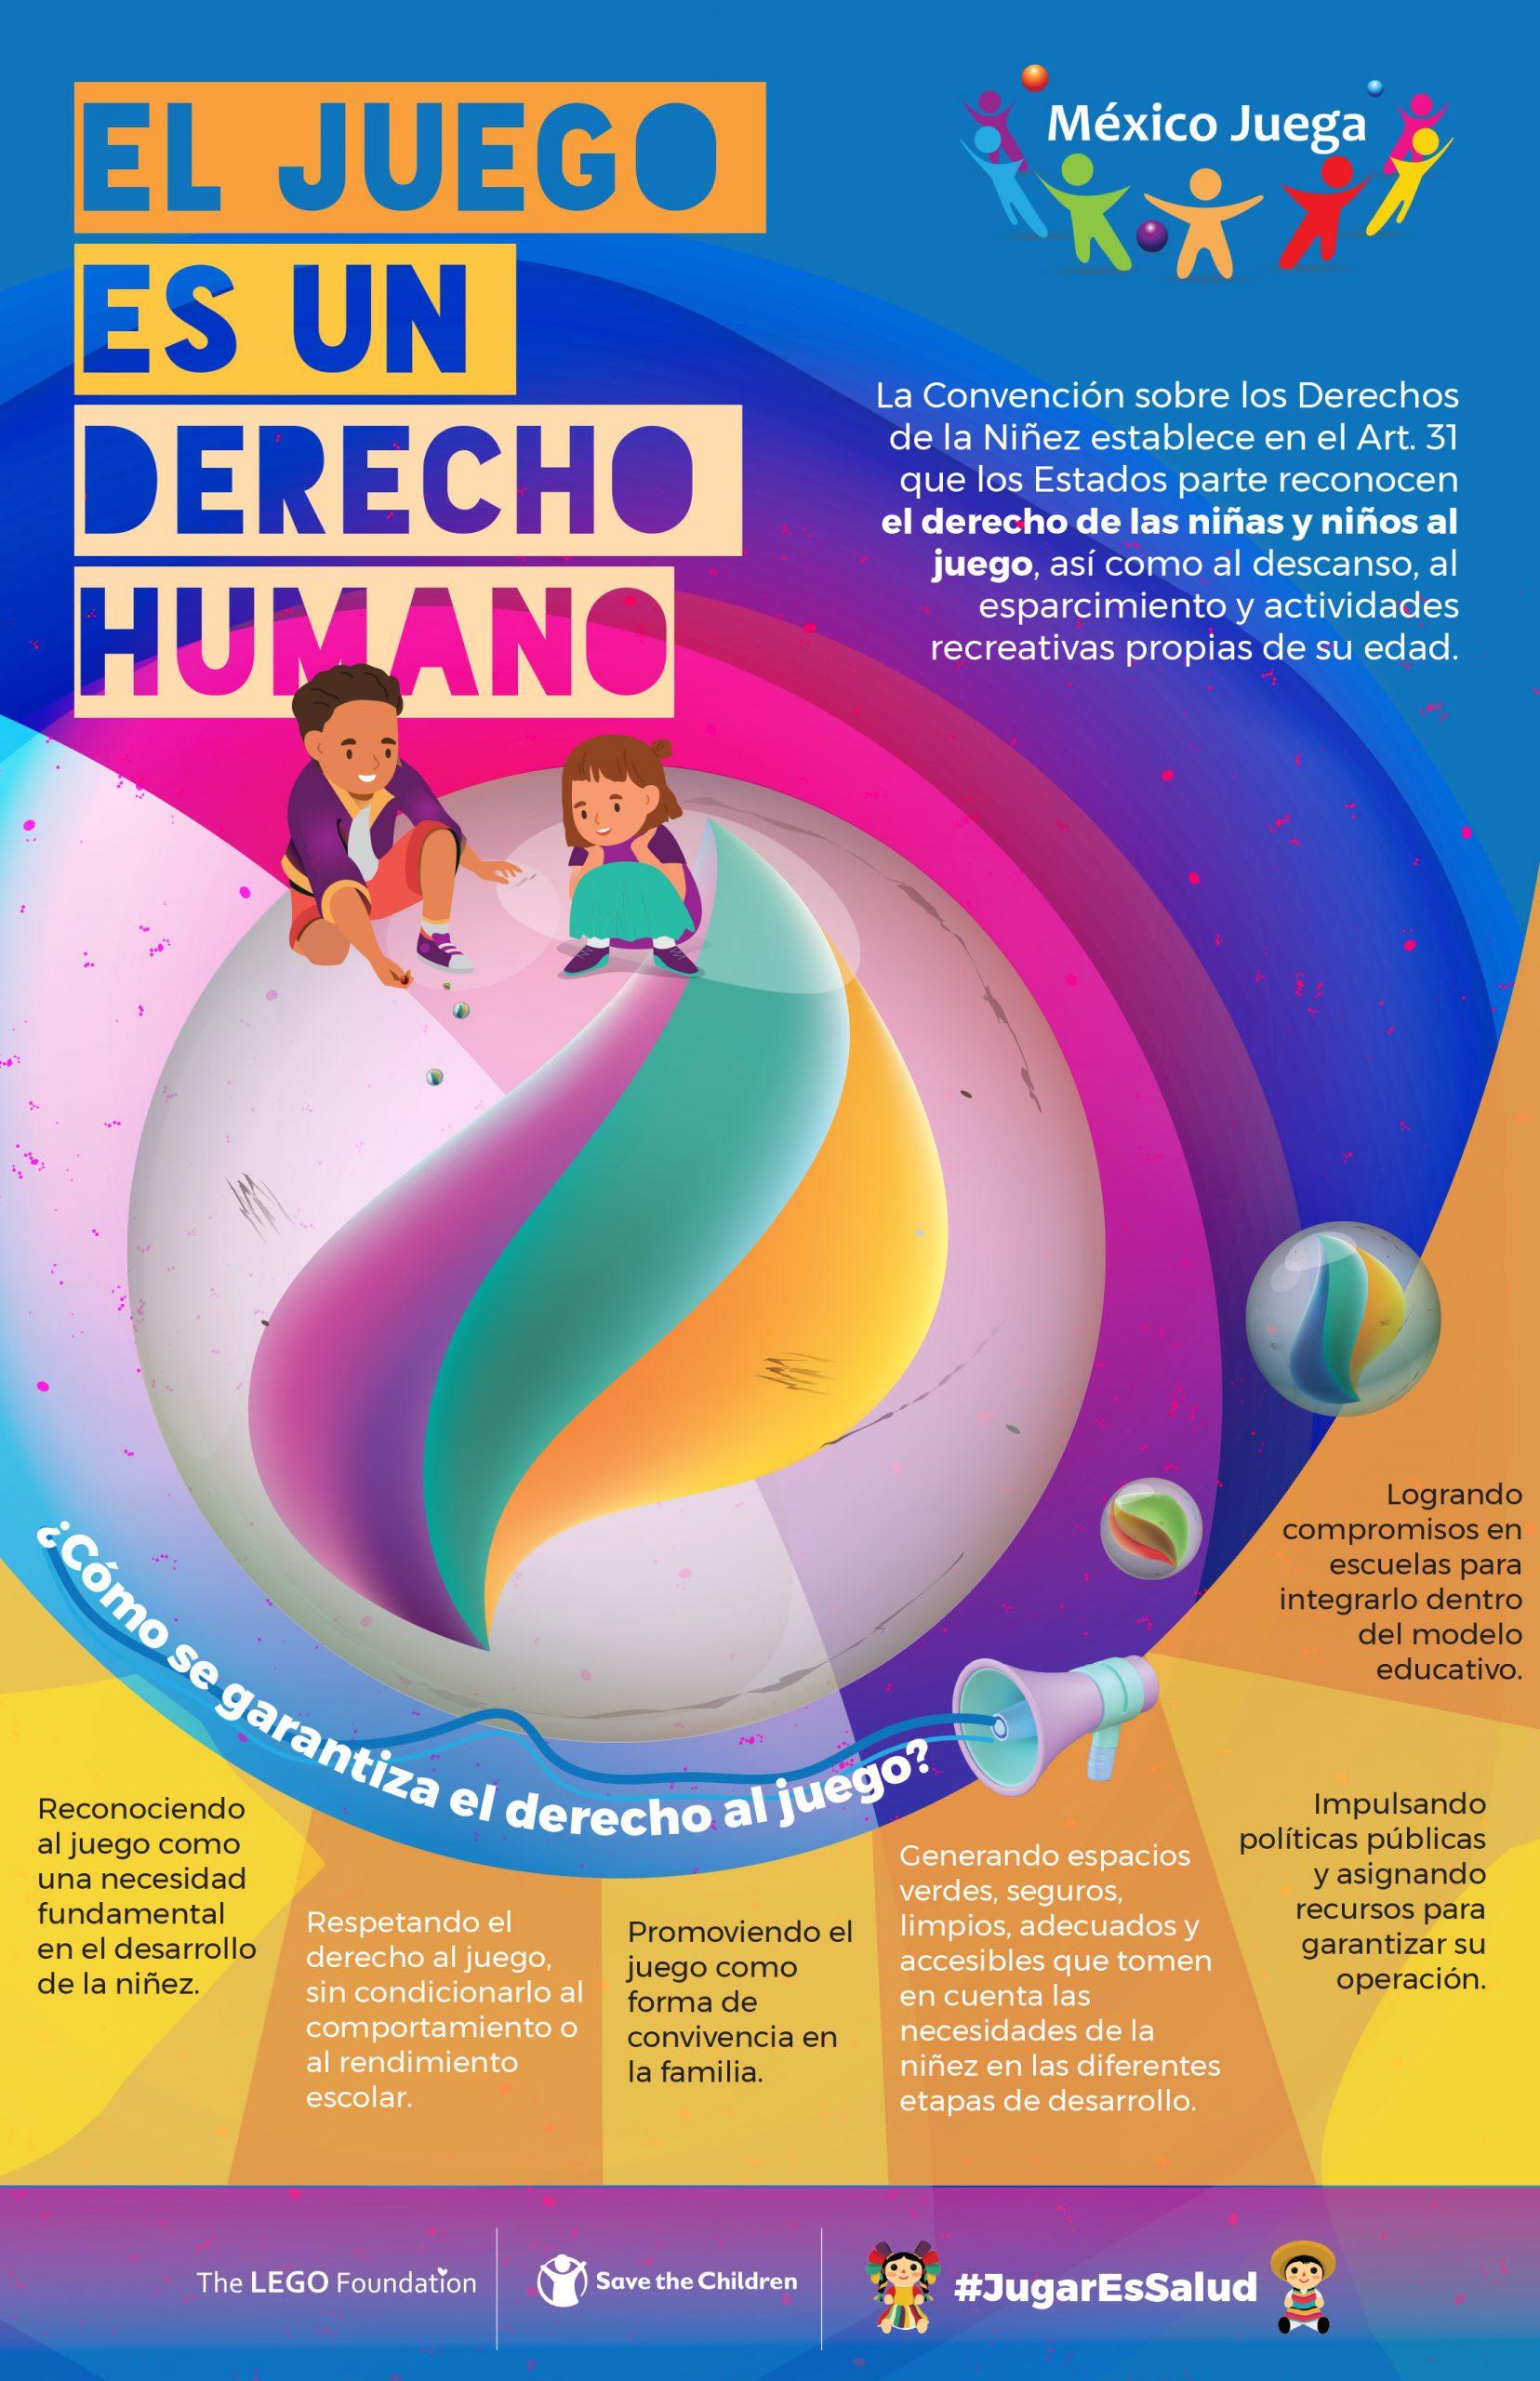 Infografía01_El_juego_es_un_derecho_humano V4 2